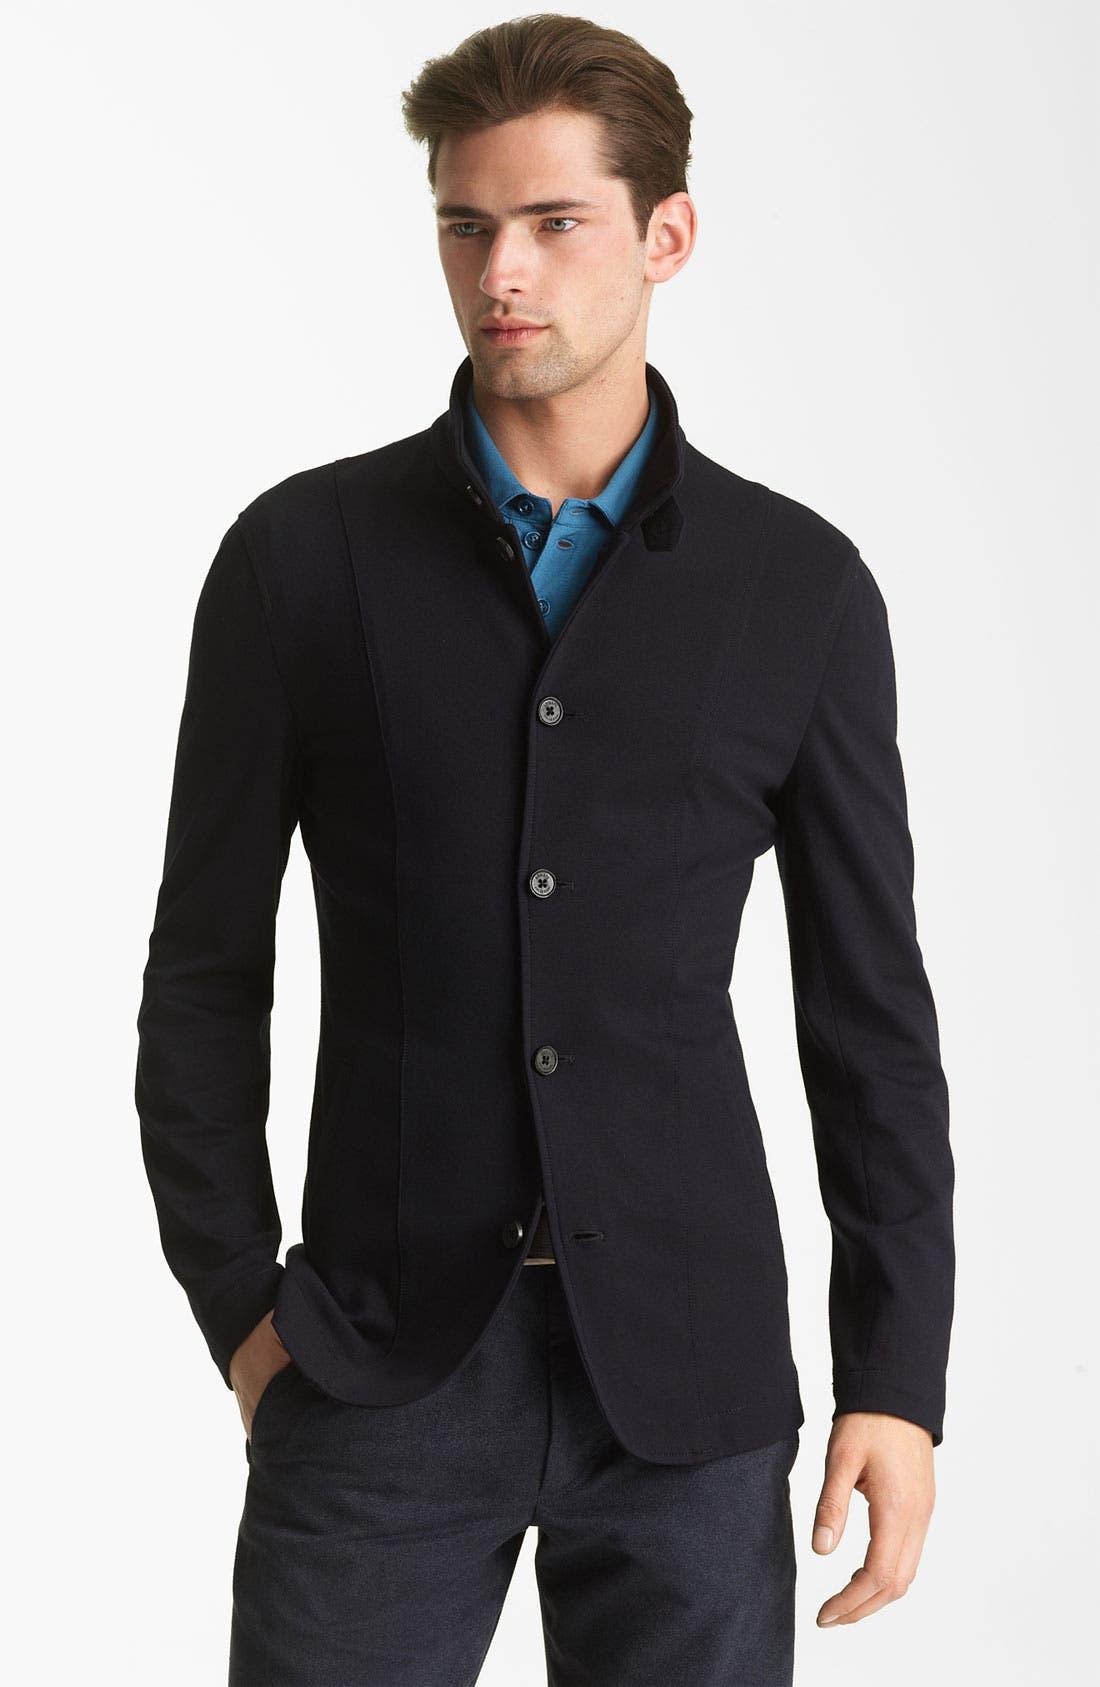 Main Image - Armani Collezioni Jersey Knit Jacket